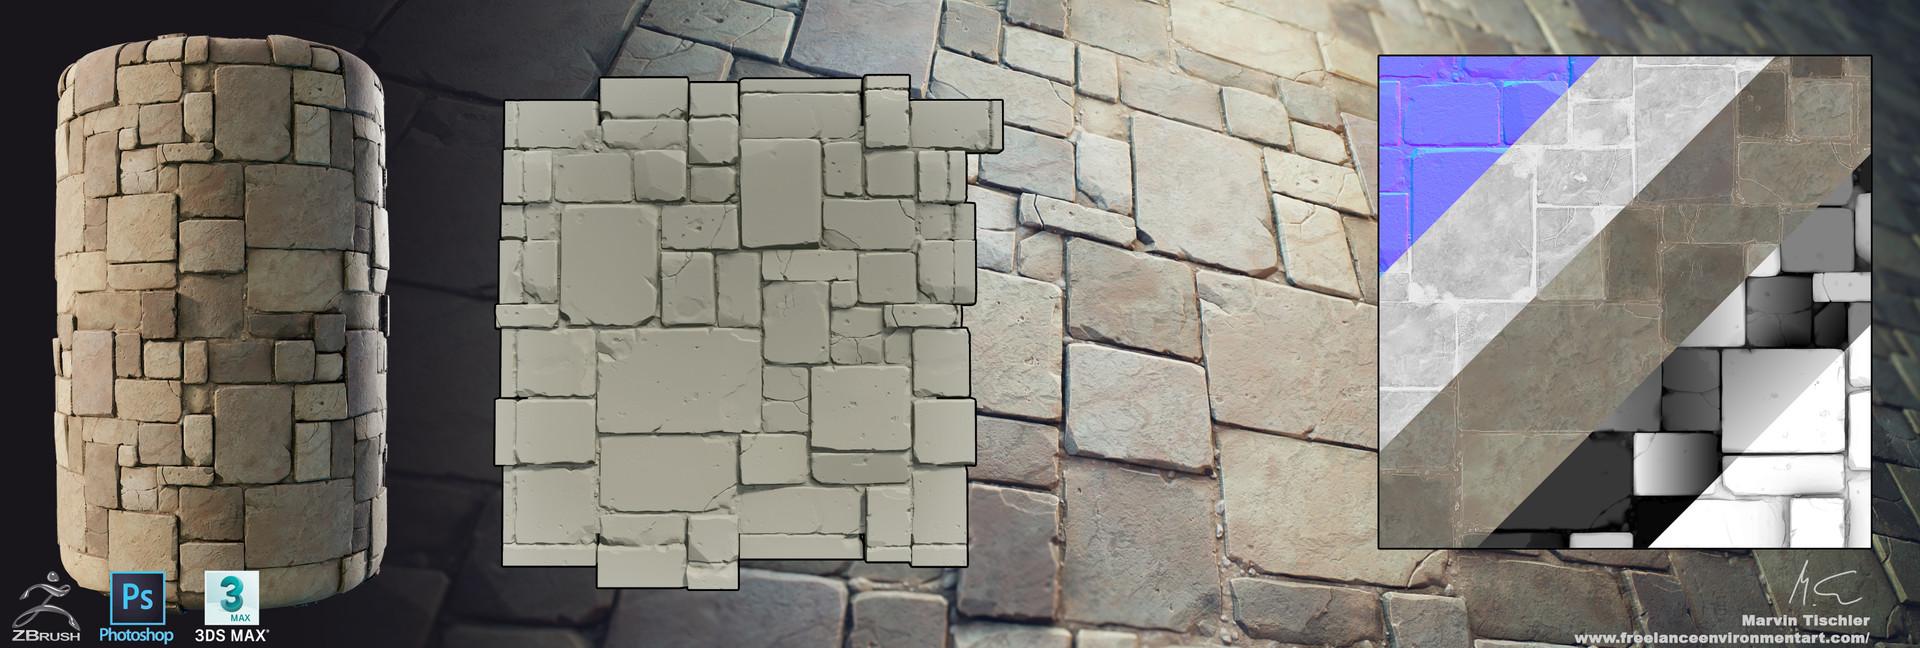 Marvin tischler textures 002 a